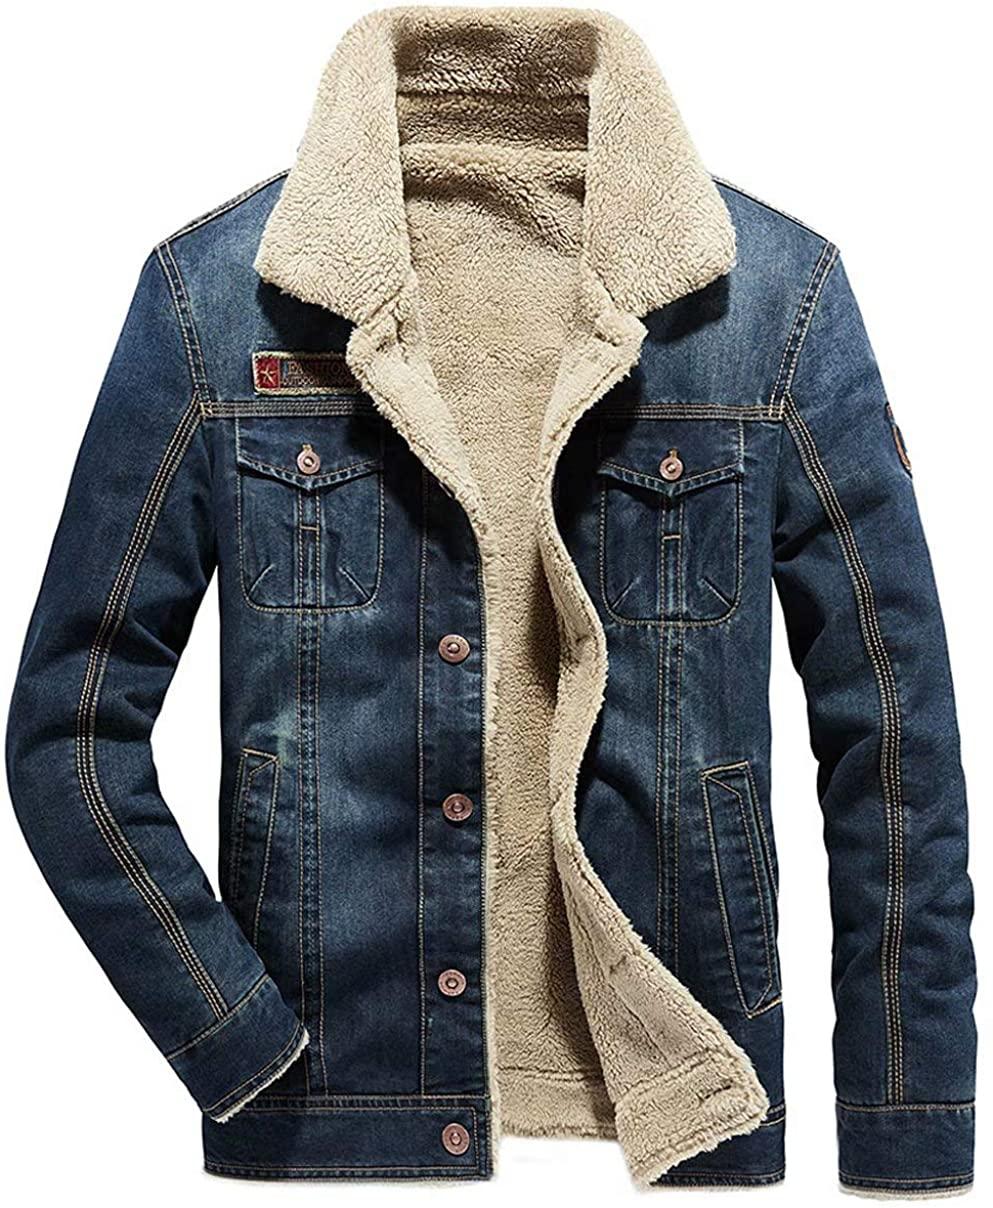 Gsun Men's Sherpa Lined Denim Trucker Jacket Winter Fall Warm Jean Jacket Cowboy Coat